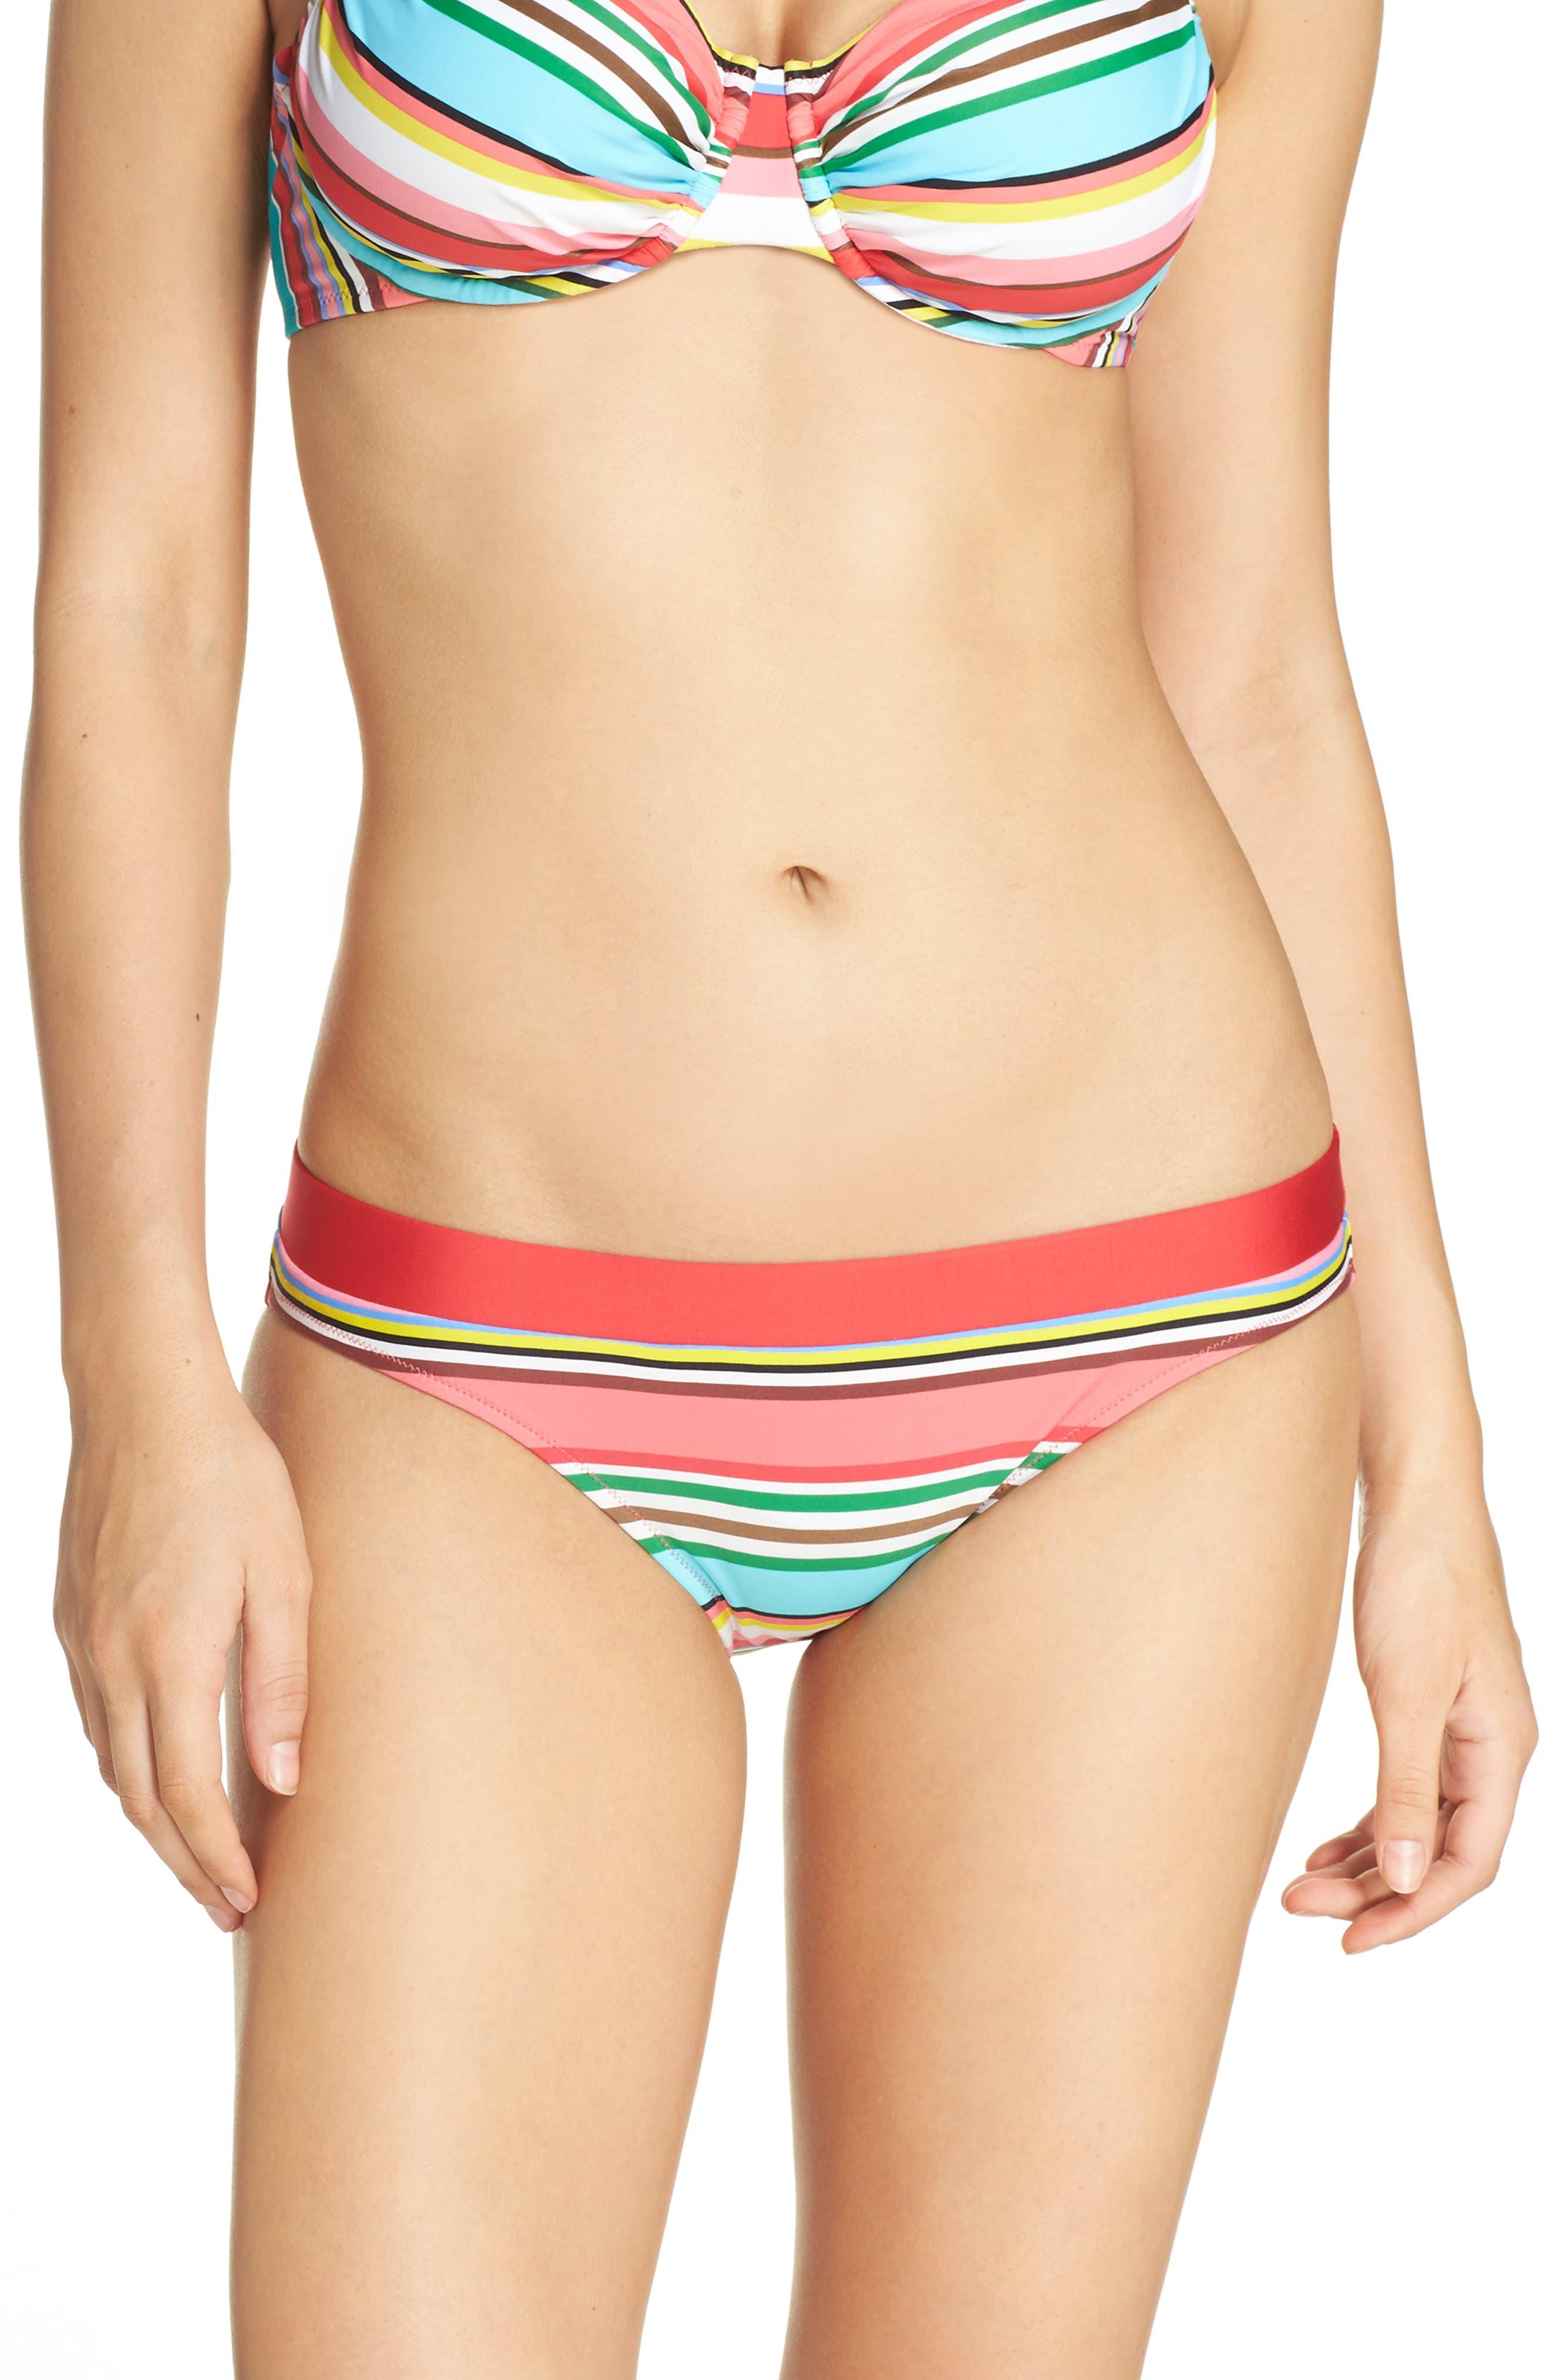 Blush by Profile Bikini Bottoms